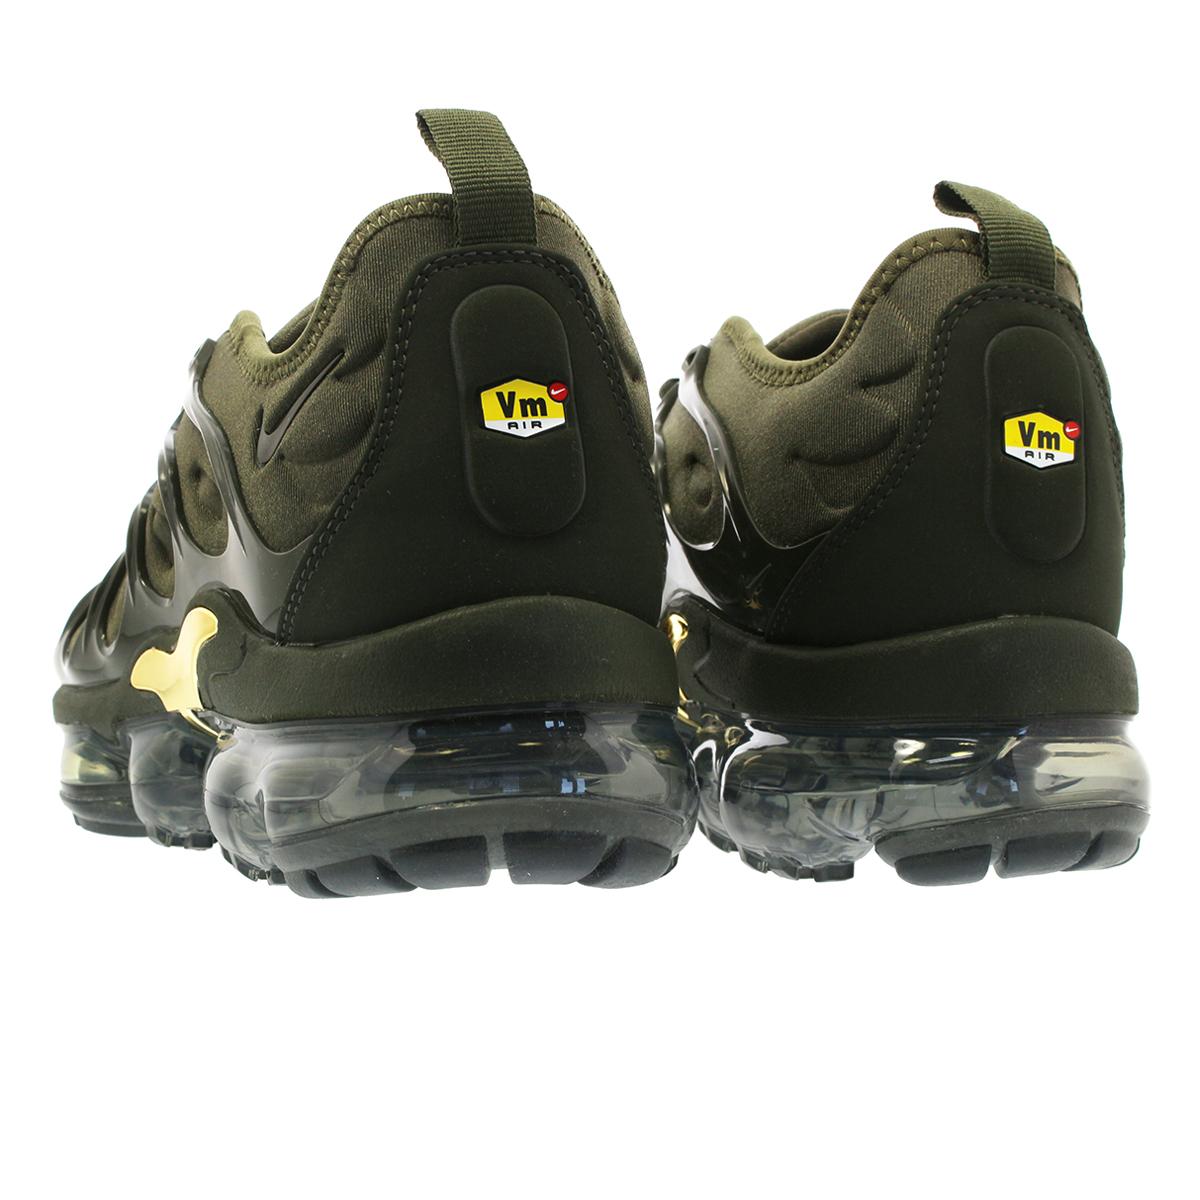 NIKE AIR VAPORMAX PLUS Nike vapor max plus CARGO KHAKI SEQUOIA CLAY GREEN 75e0abcb5